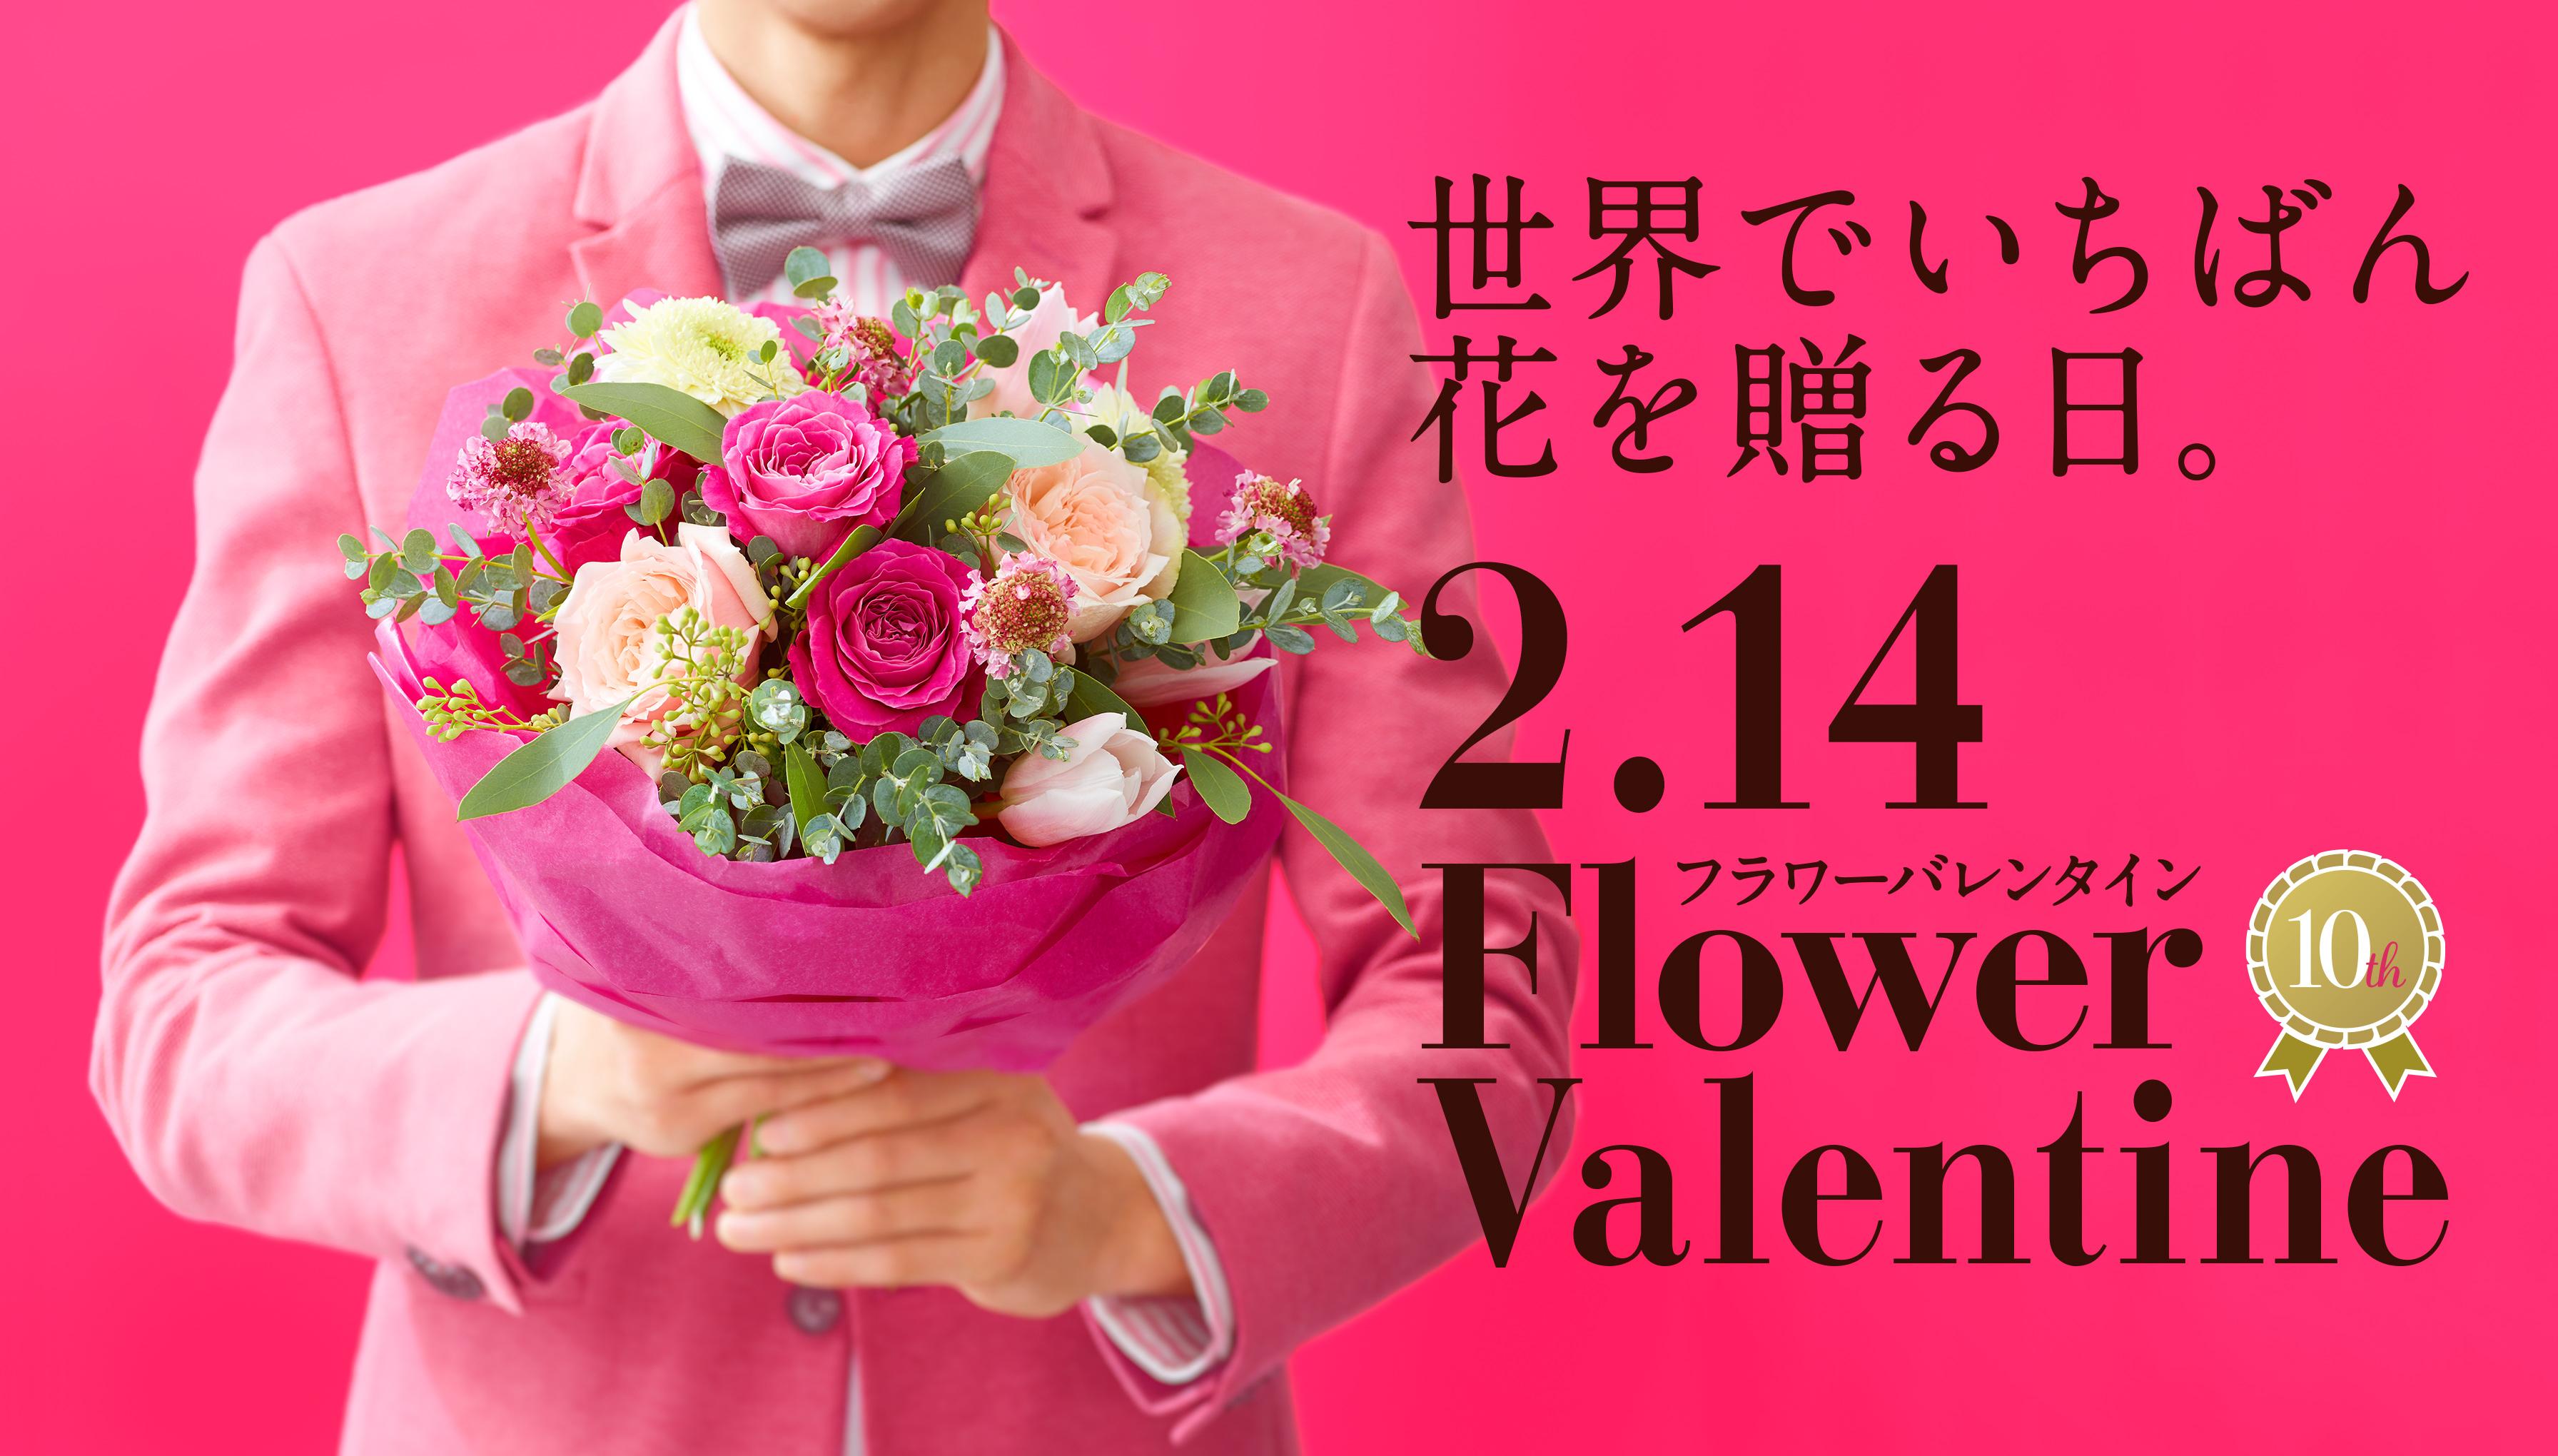 フラワーバレンタインロゴ